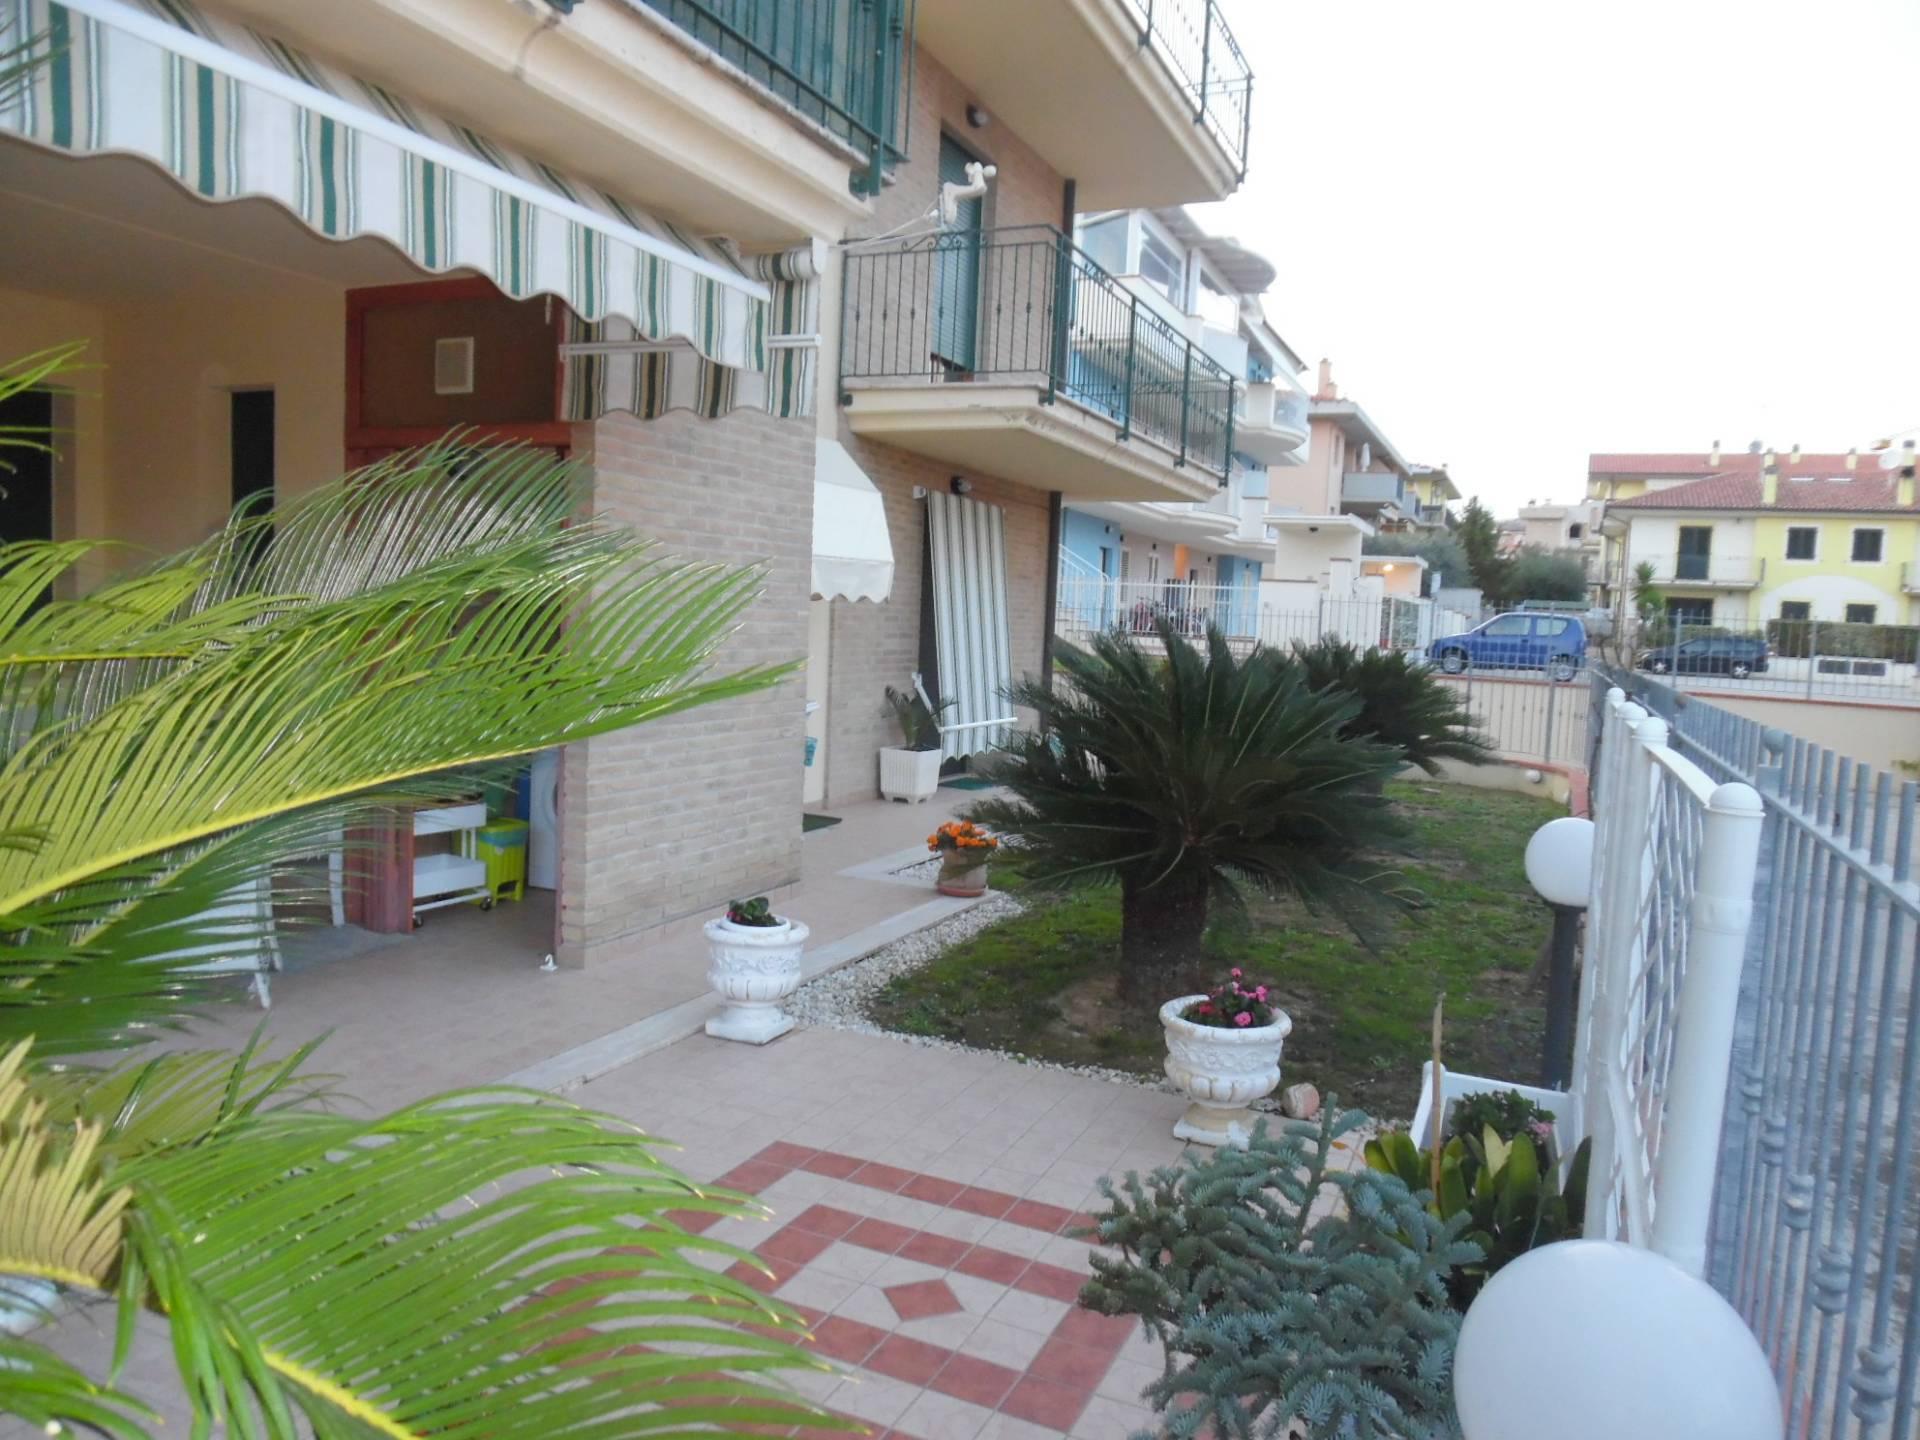 Appartamento in vendita a Monteprandone, 3 locali, zona obuchi, prezzo € 170.000 | PortaleAgenzieImmobiliari.it